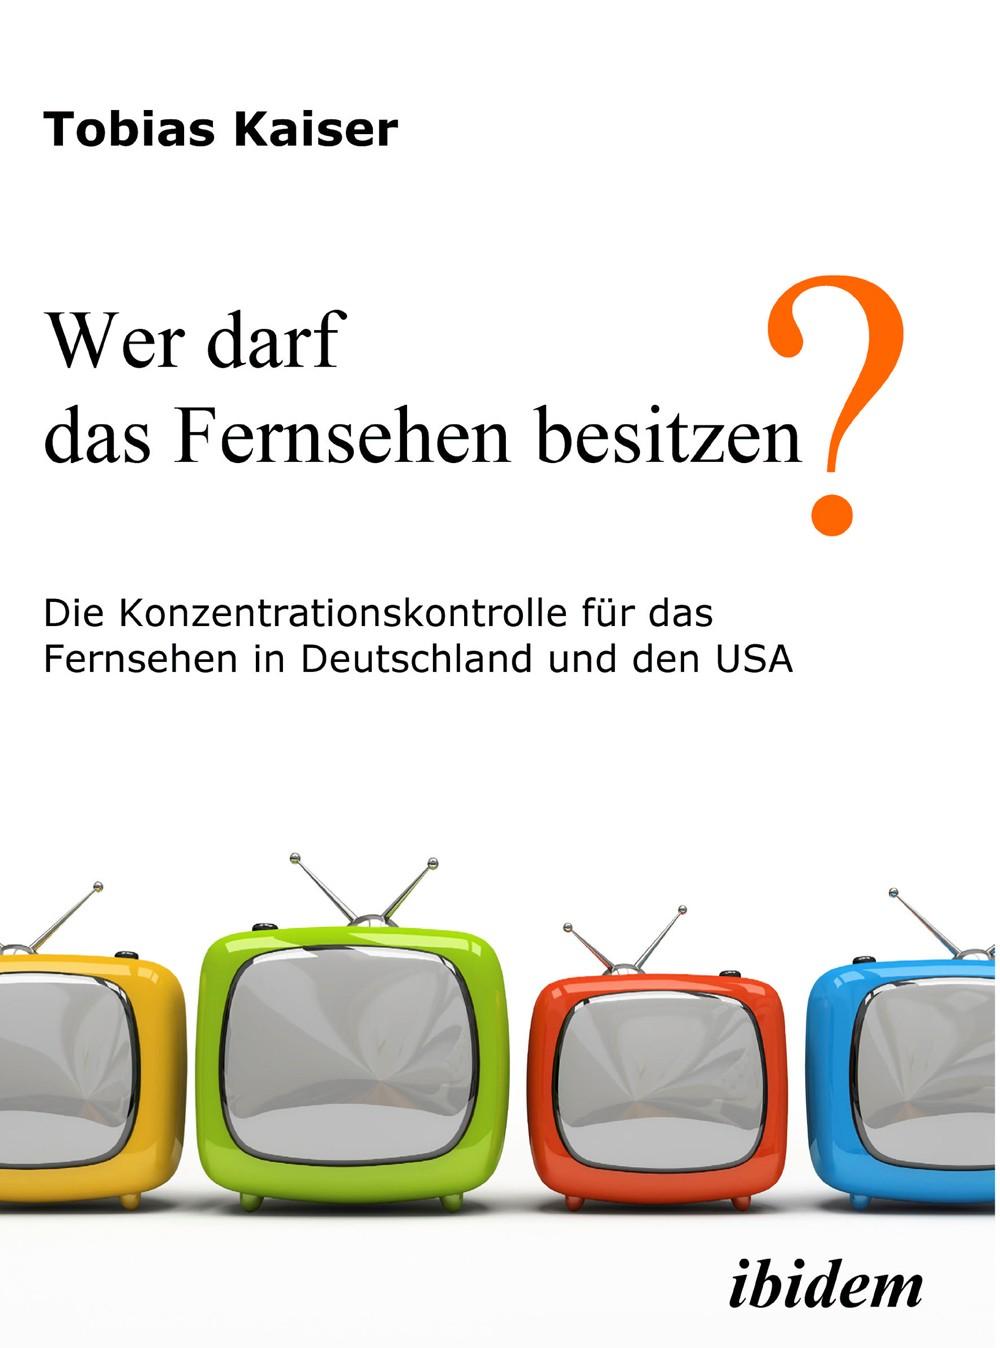 Wer darf das Fernsehen besitzen? Die Konzentrationskontrolle für das Fernsehen in Deutschland und den USA